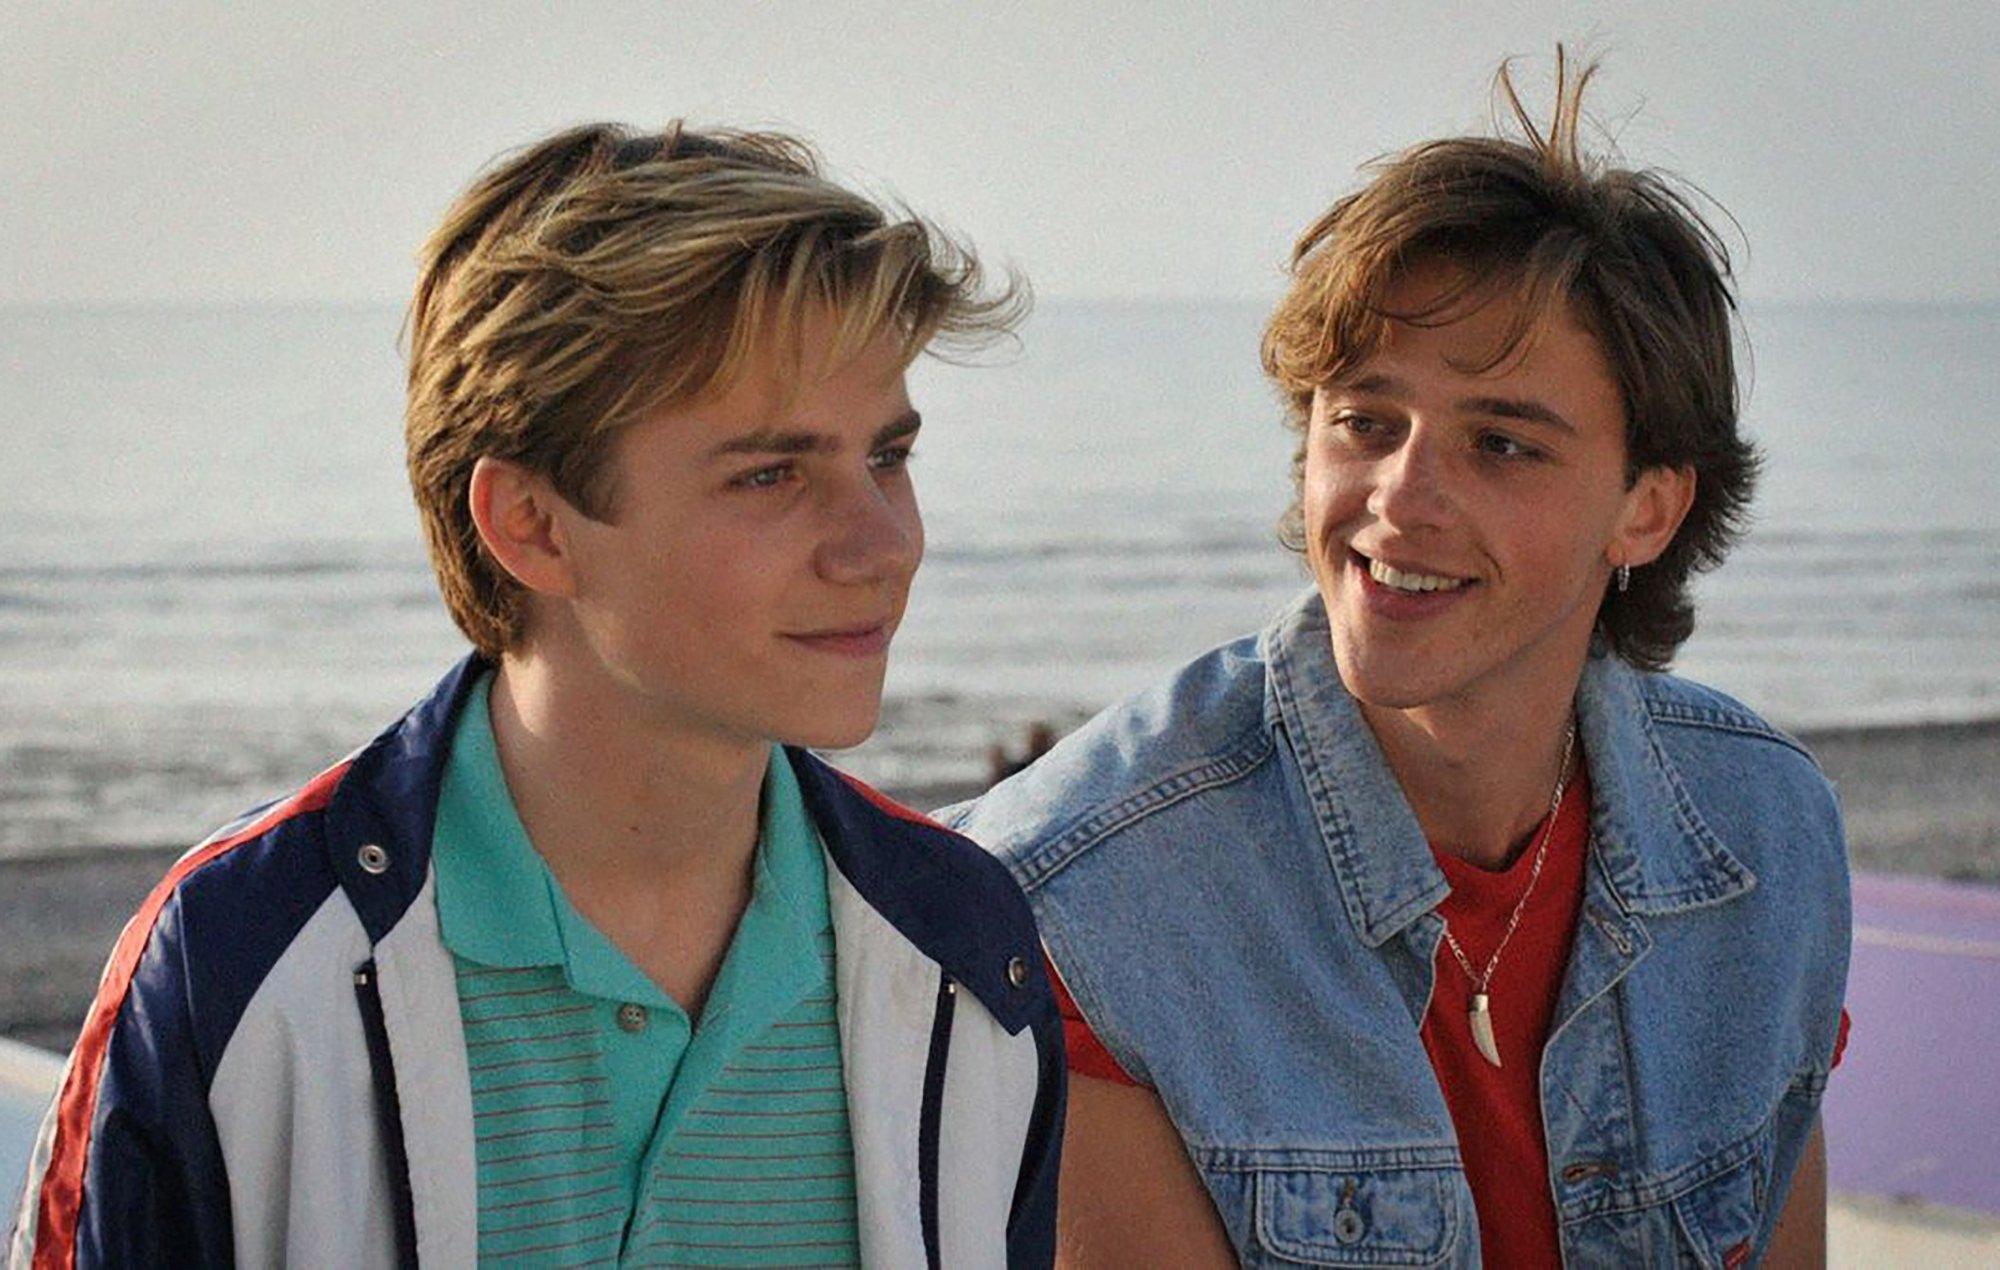 LGBT Films 2020 - Summer of 85